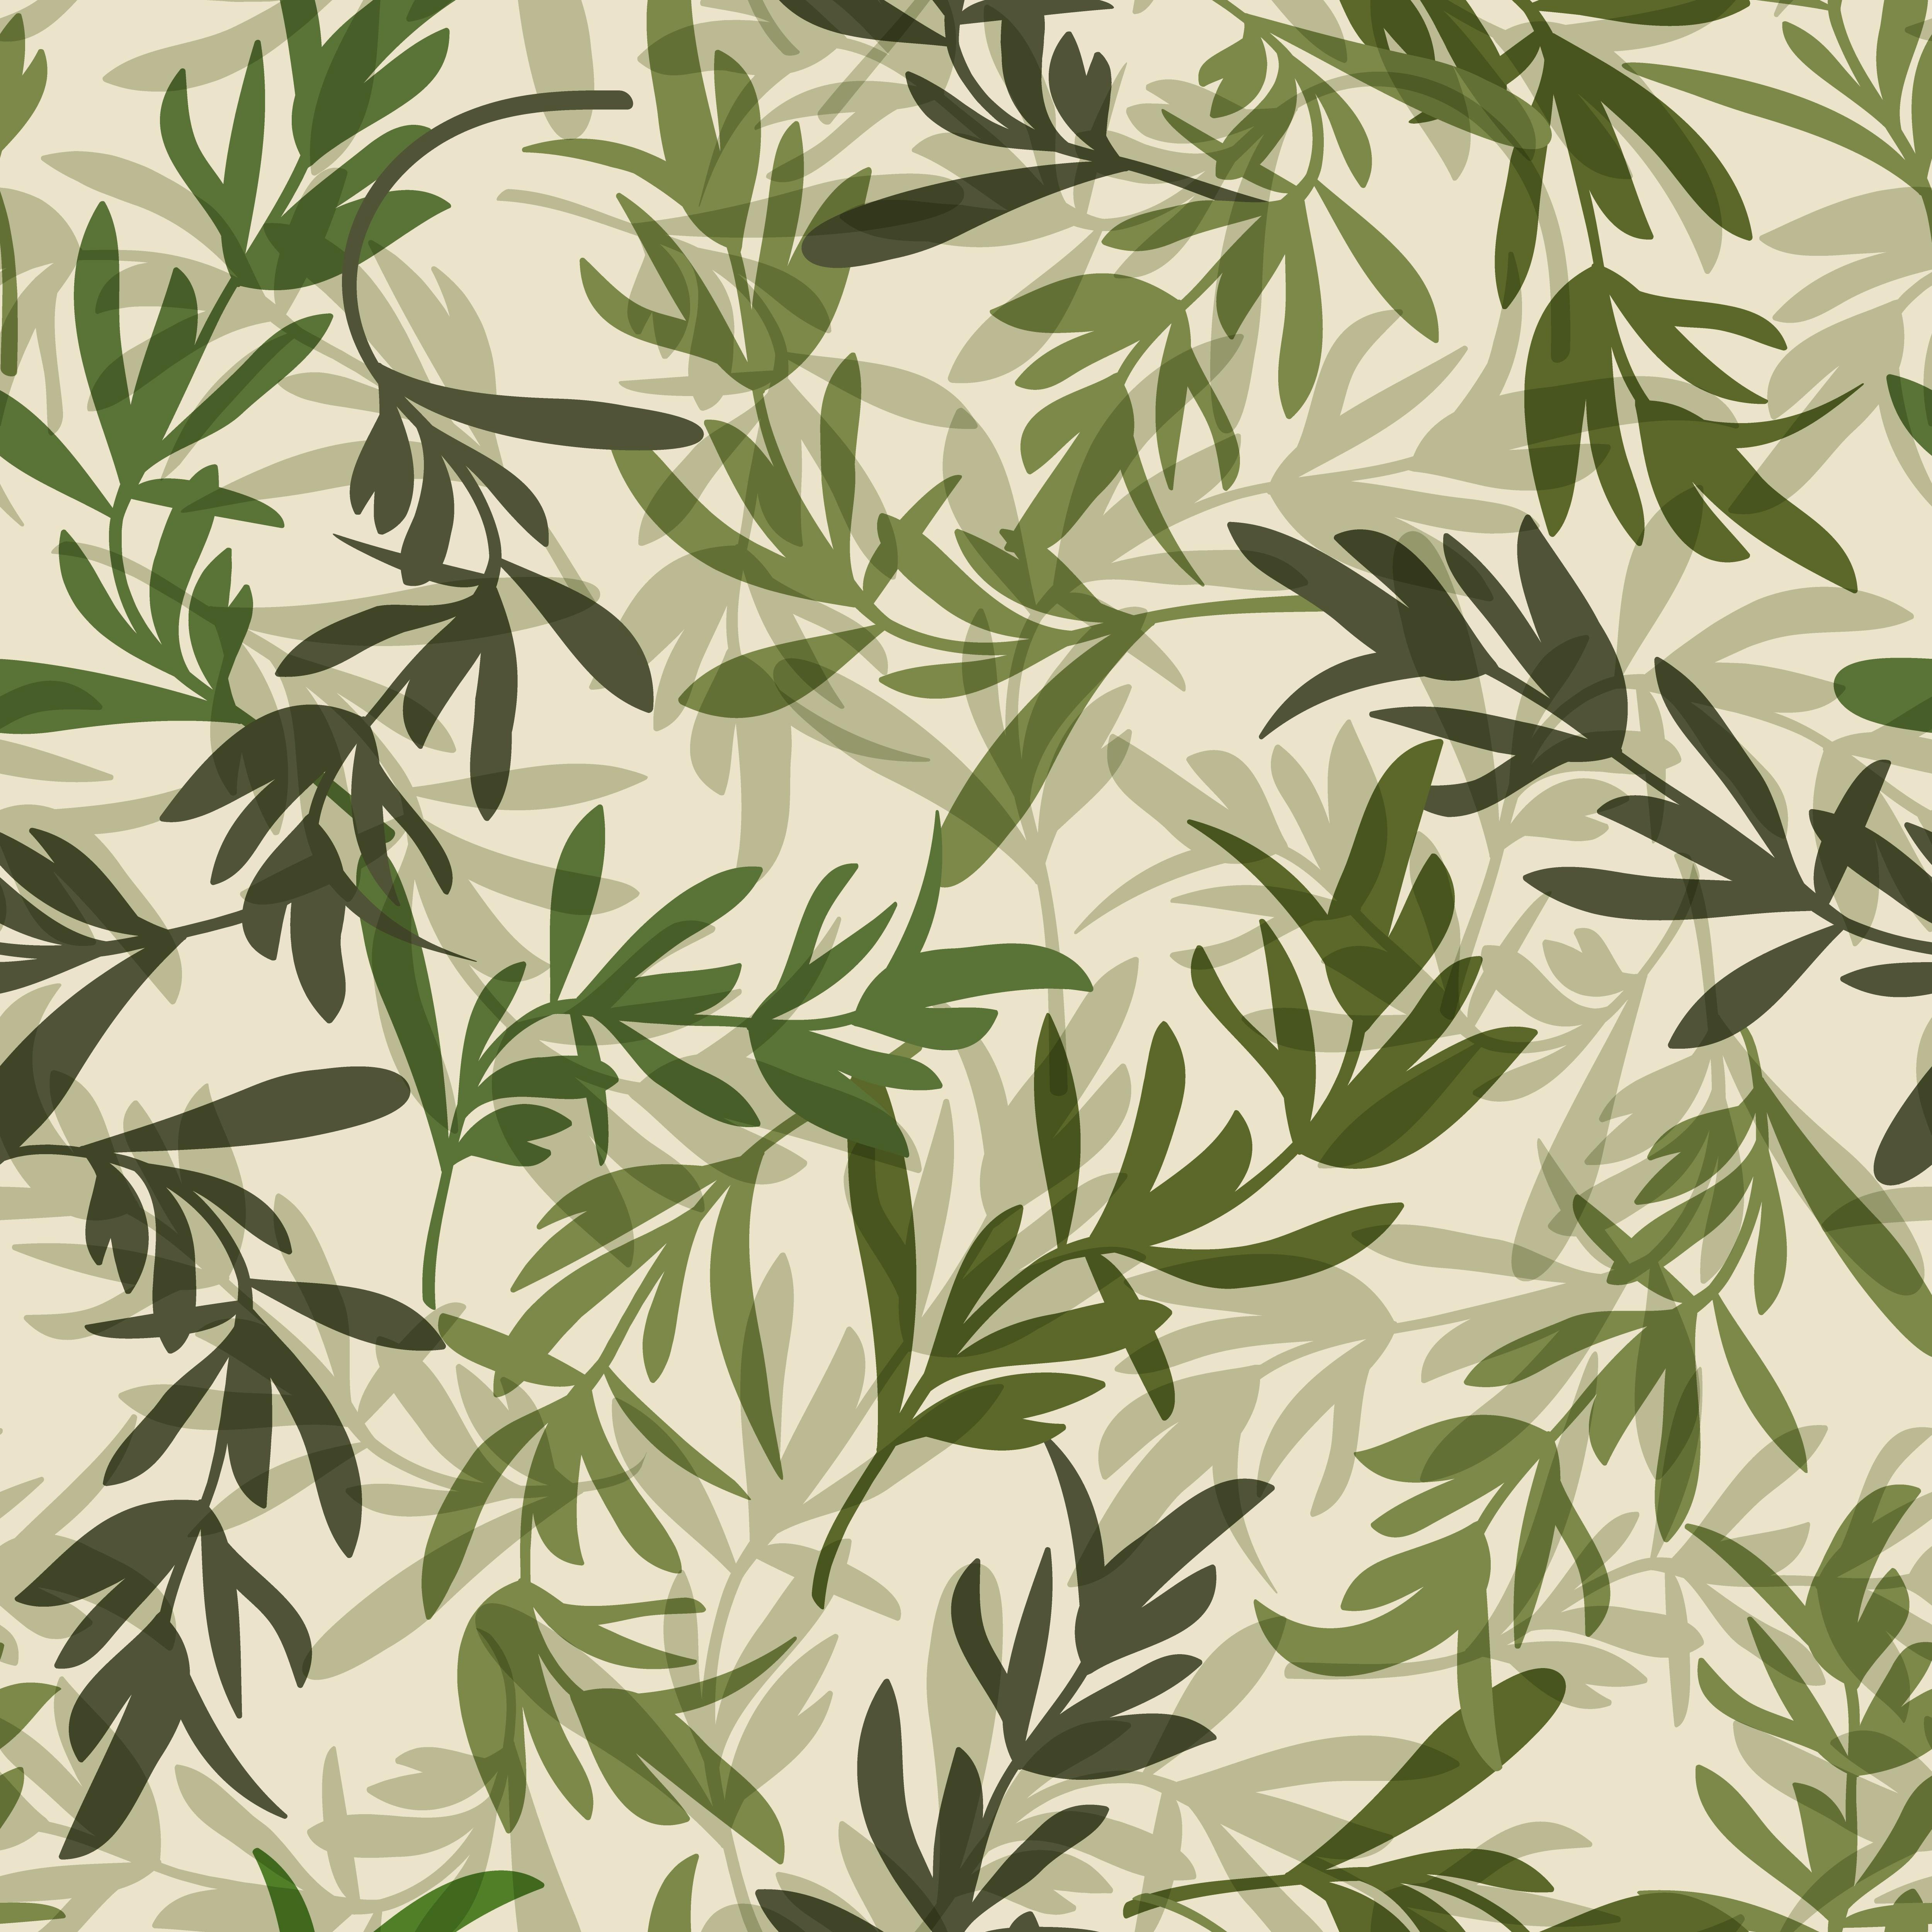 Обои для рабочего стола Листва Текстура зеленые Природа на ветке 5000x5000 лист Листья зеленая Зеленый зеленых ветвь ветка Ветки